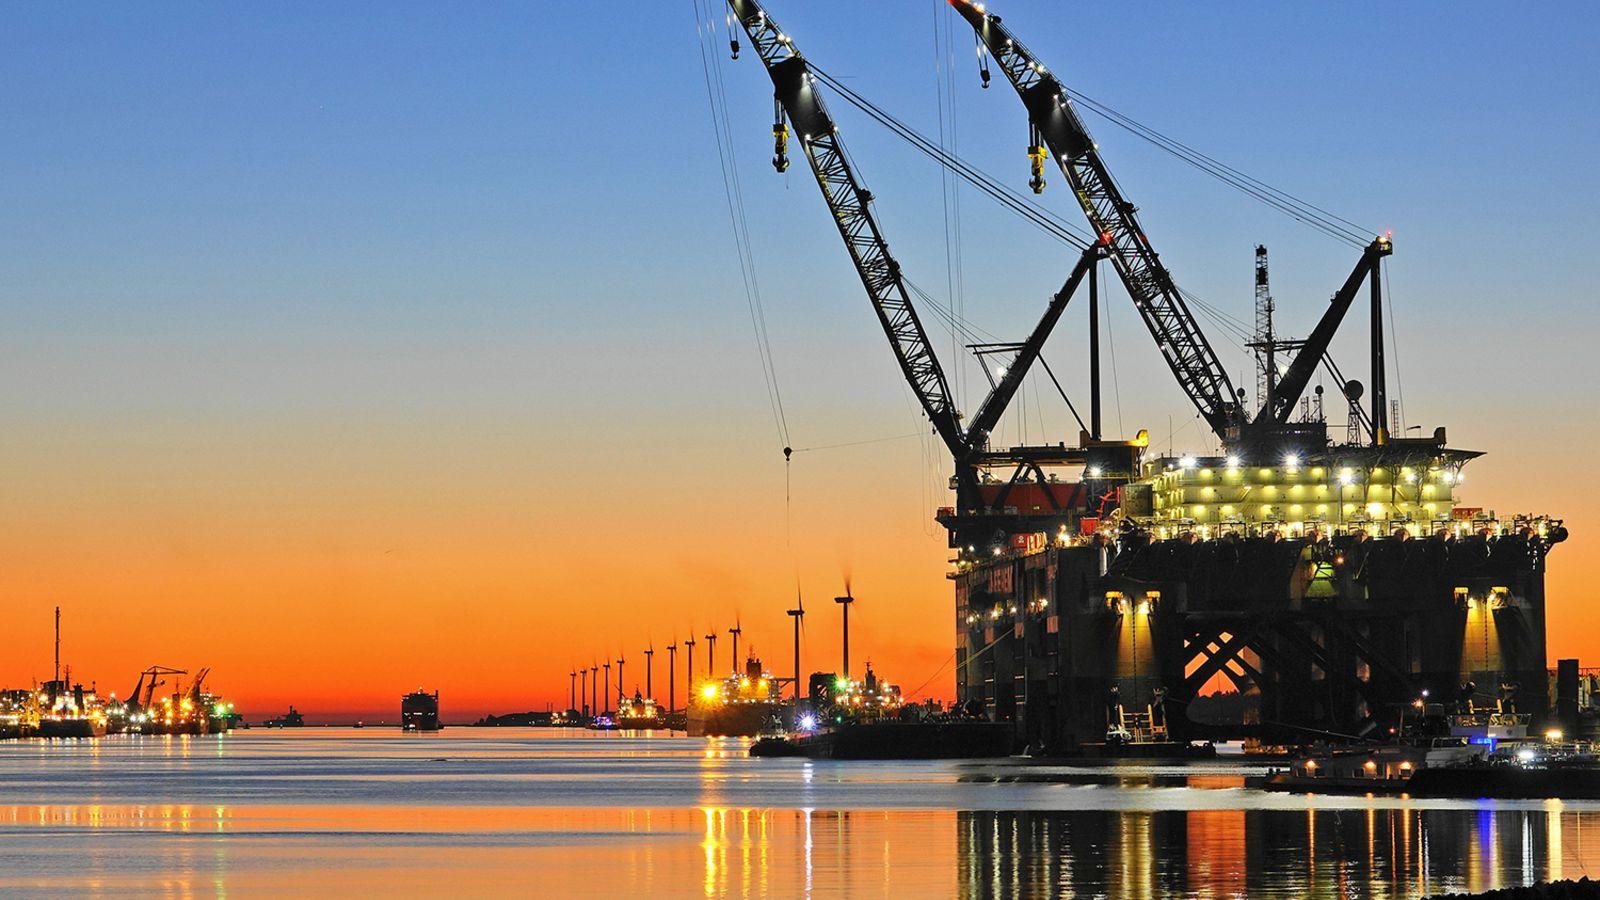 Bij voldoende animo voor de waterstofleiding zou die in 2024 in gebruik kunnen zijn (Foto: Kees Torn / Havenbedrijf Rotterdam)